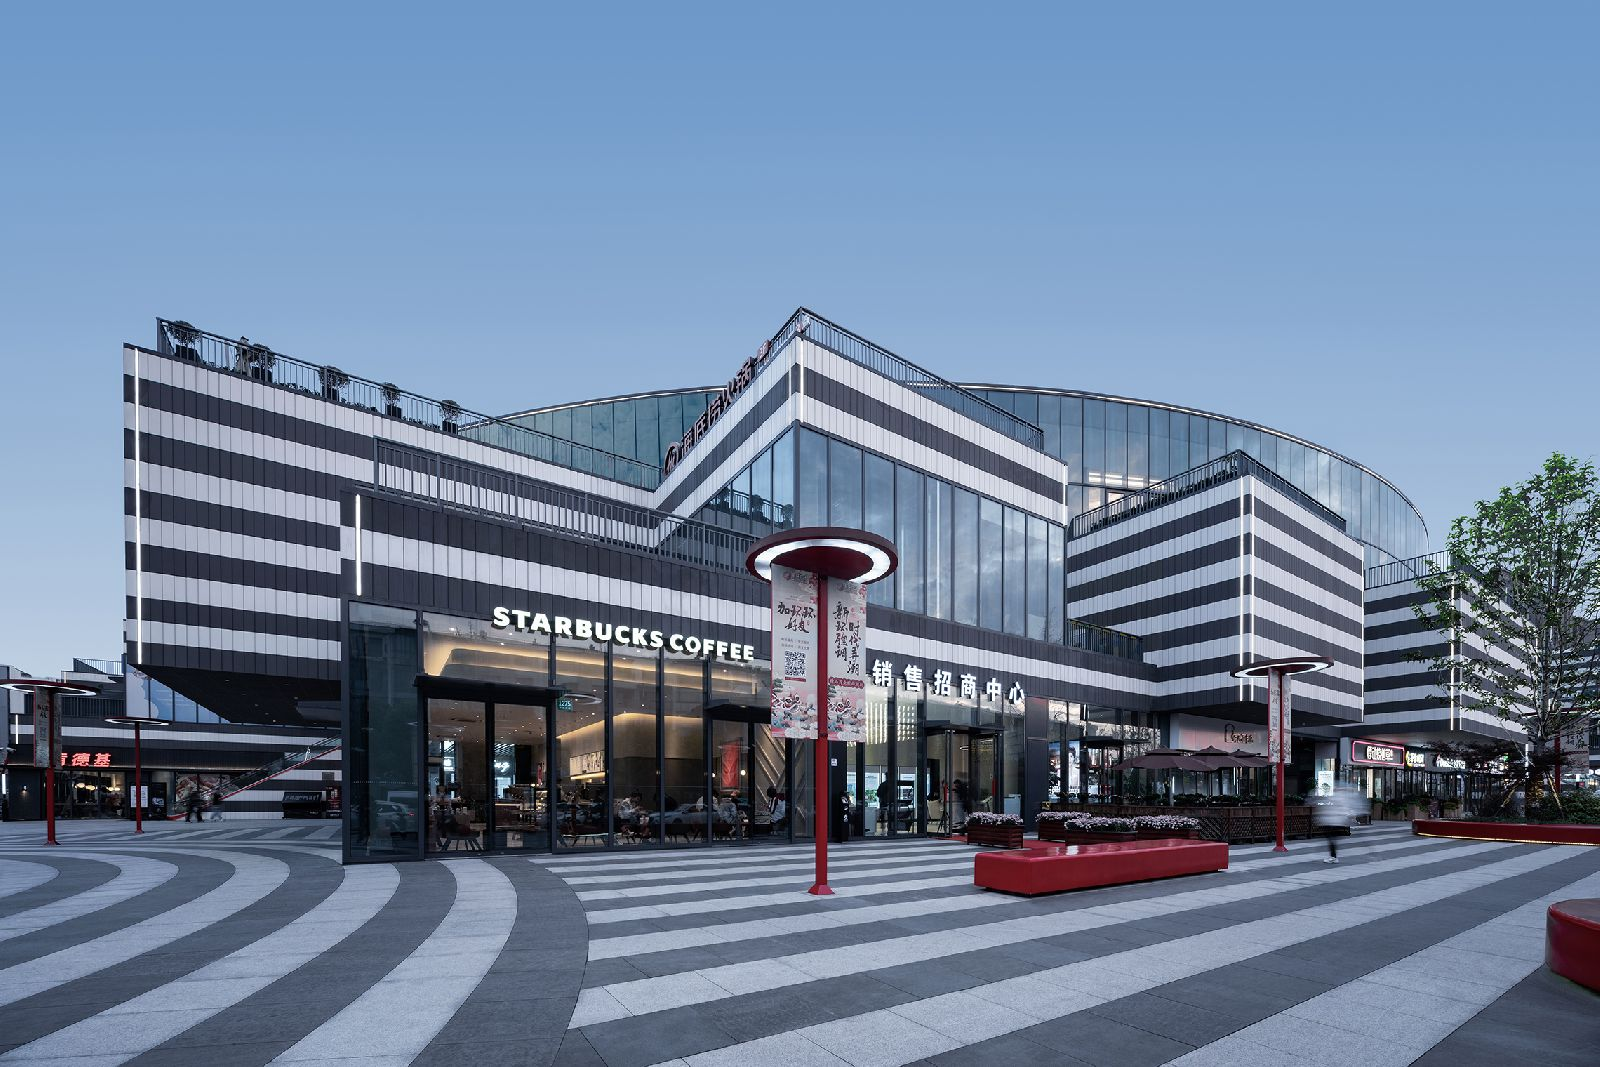 N.E.O Plaza